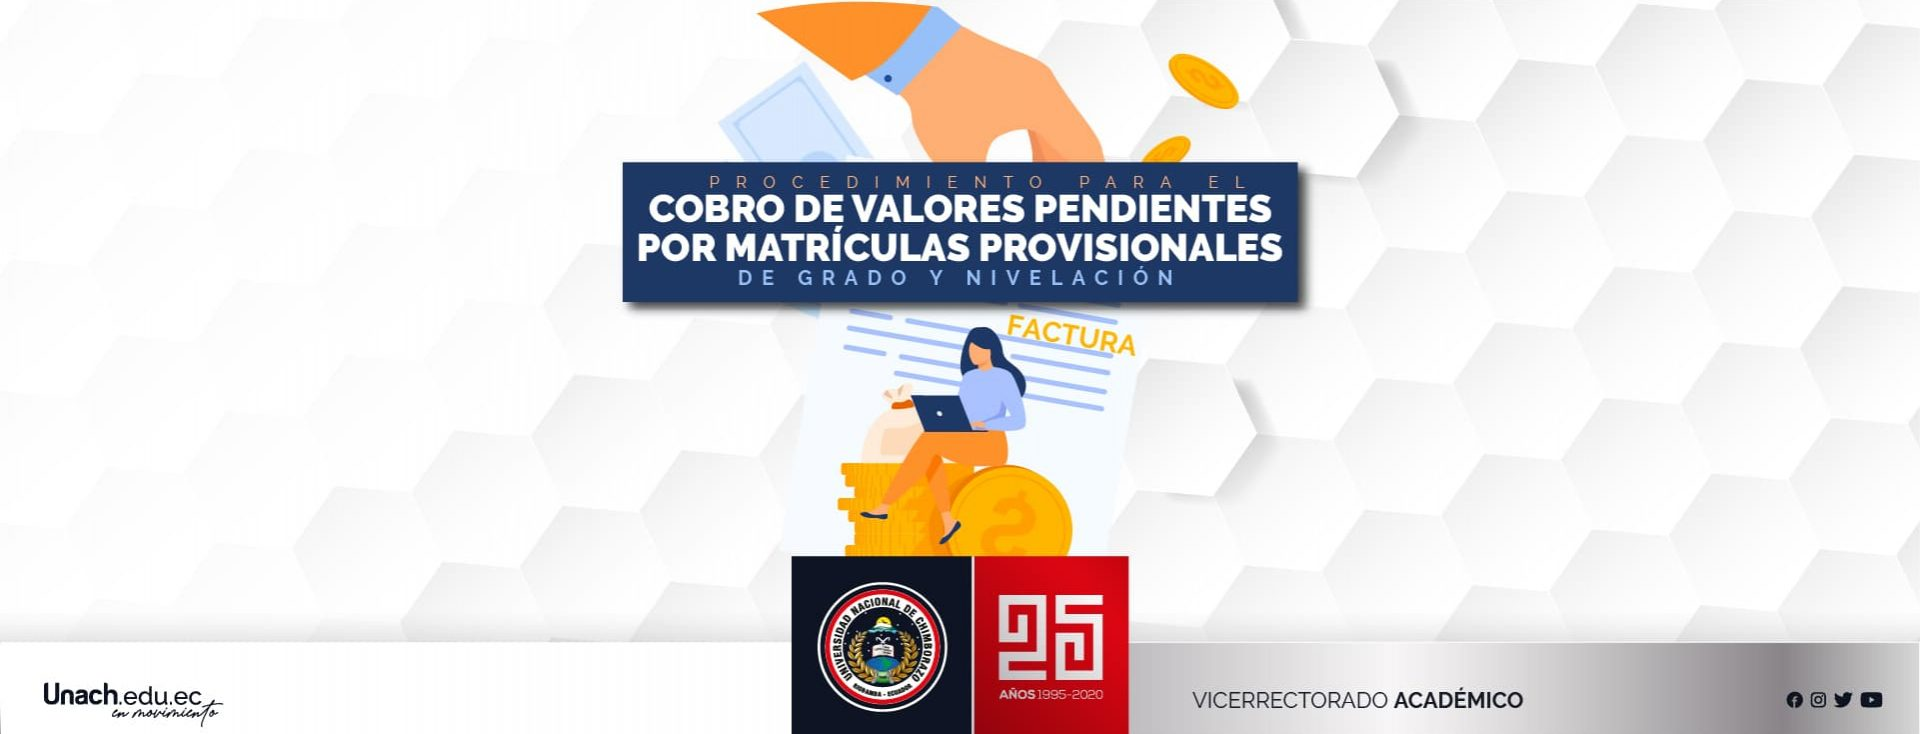 PROCEDIMIENTO PARA EL COBRO DE VALORES PENDIENTES POR MATRICULAS PROVISIONALES DE LOS ESTUDIANTES DE GRADO Y NIVELACIÓN